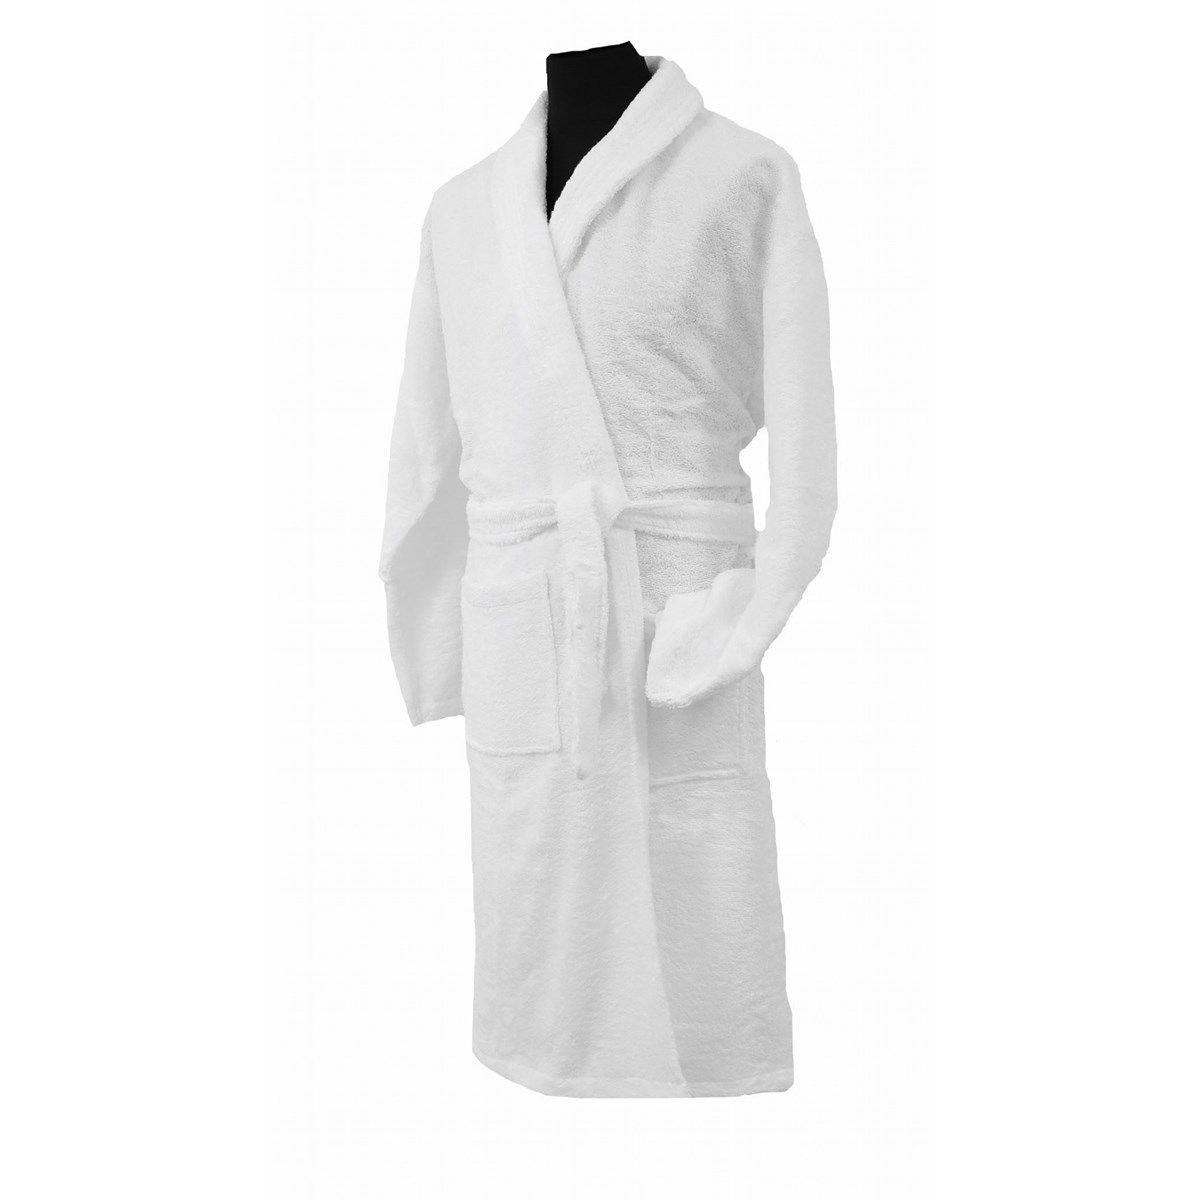 CONFORT - Peignoir mixte col chale coton blanc XL (photo)